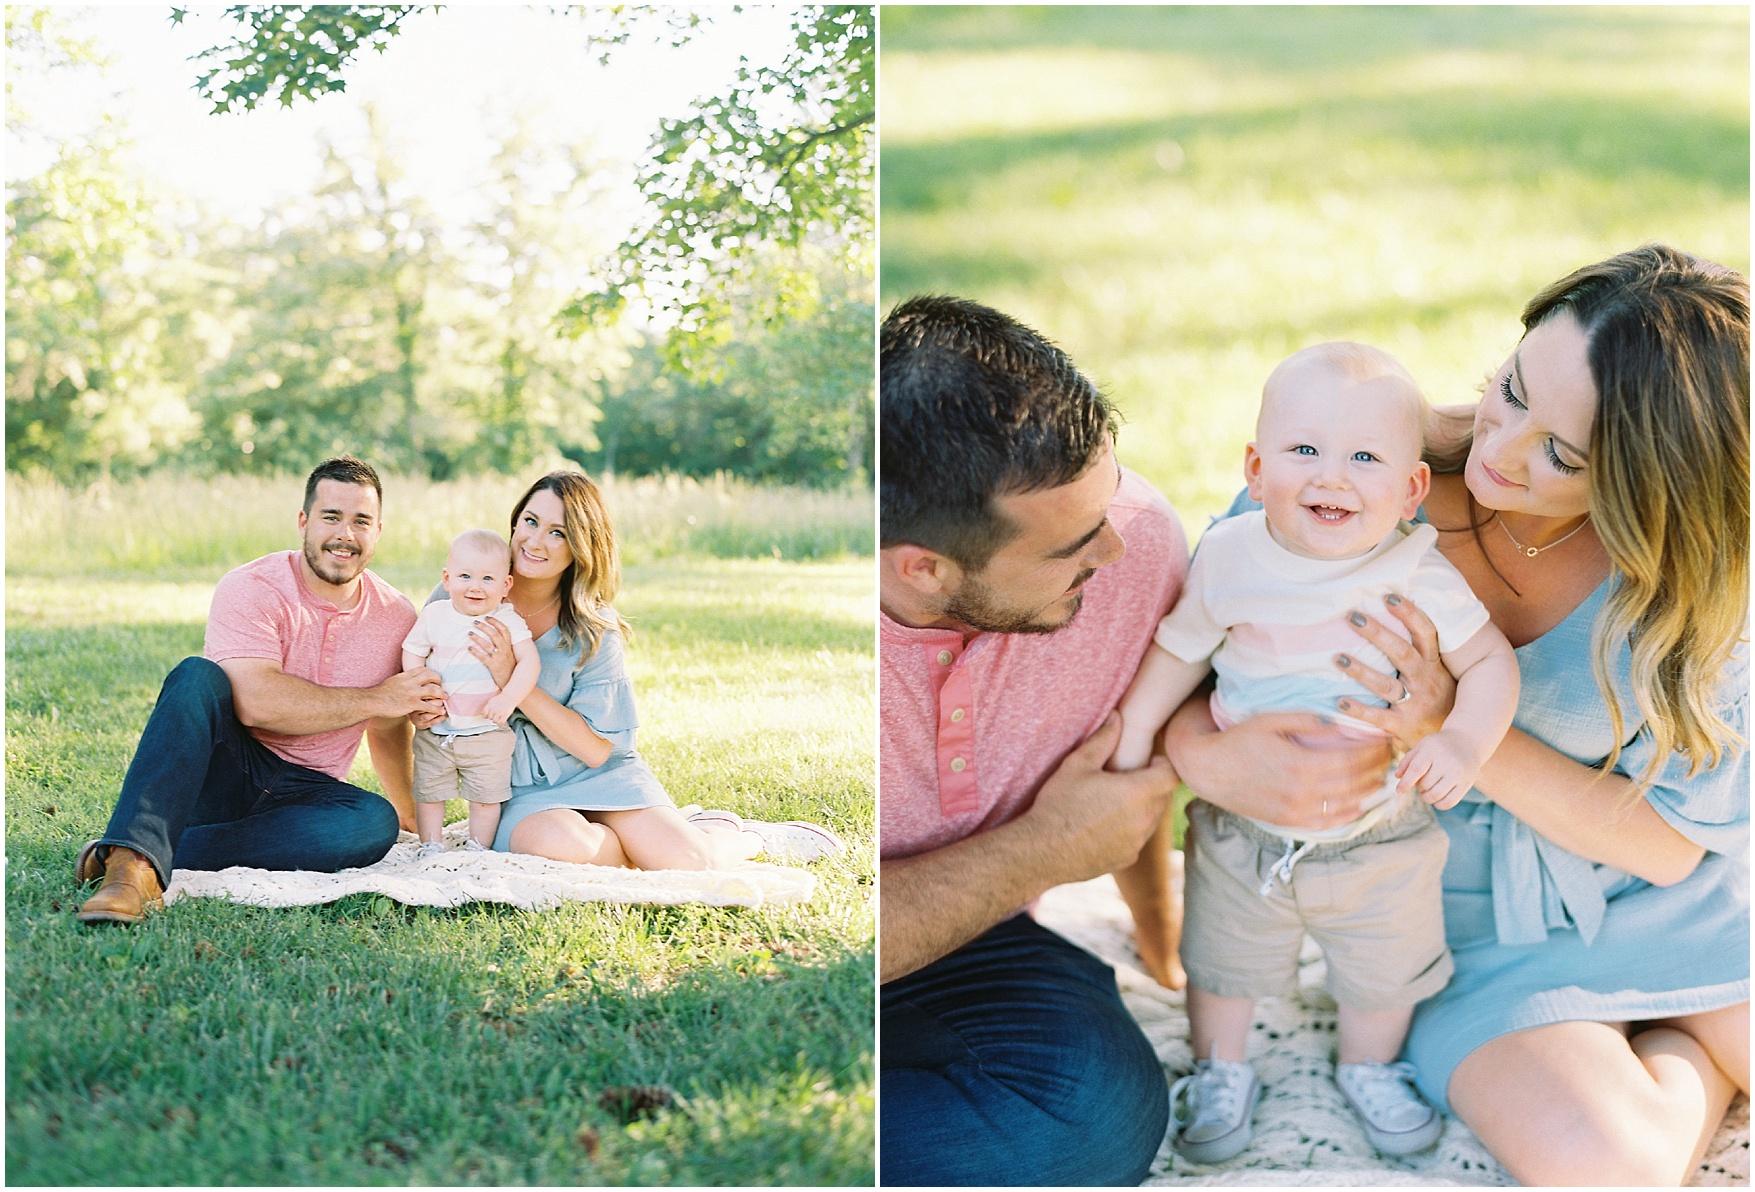 wedding photography st louis_lauren muckler photography_film photographer_film wedding_0431.jpg